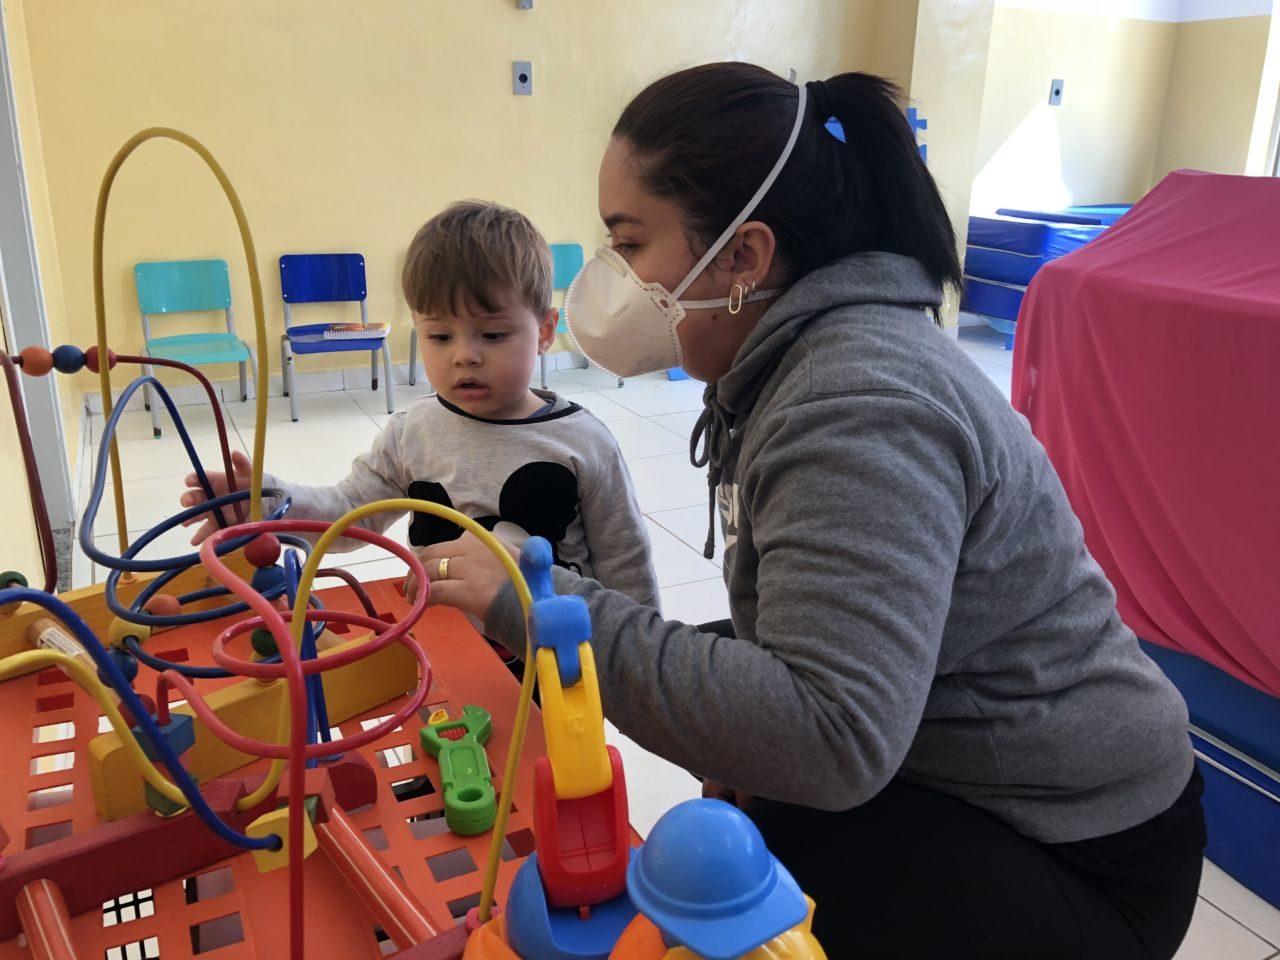 Mulher de cabelo comprido e preso, usando máscara, interage com menino pequeno enquanto ele olha para brinquedo com cabos e bolas de madeira